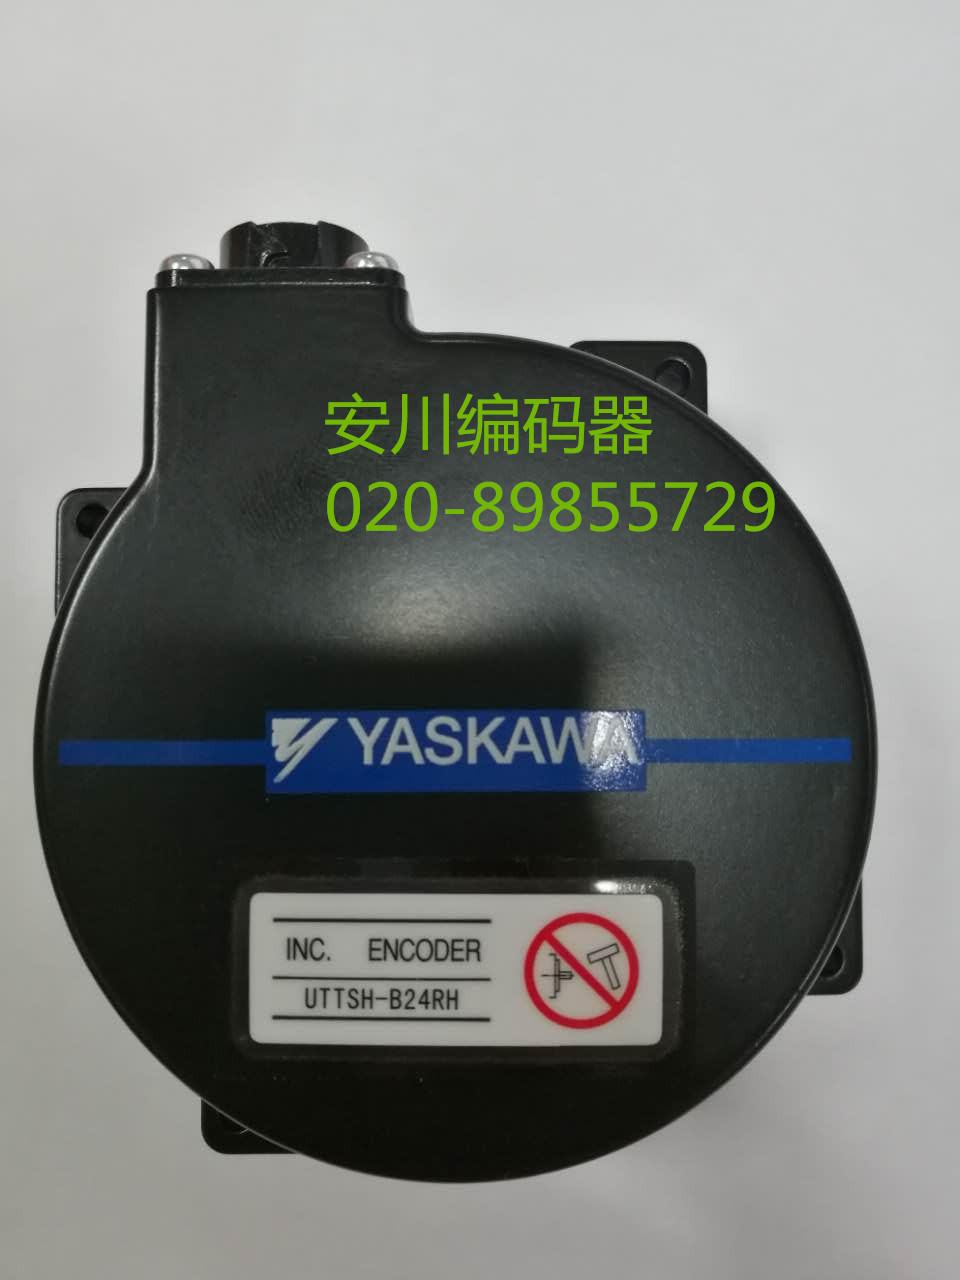 七系列安川编码器